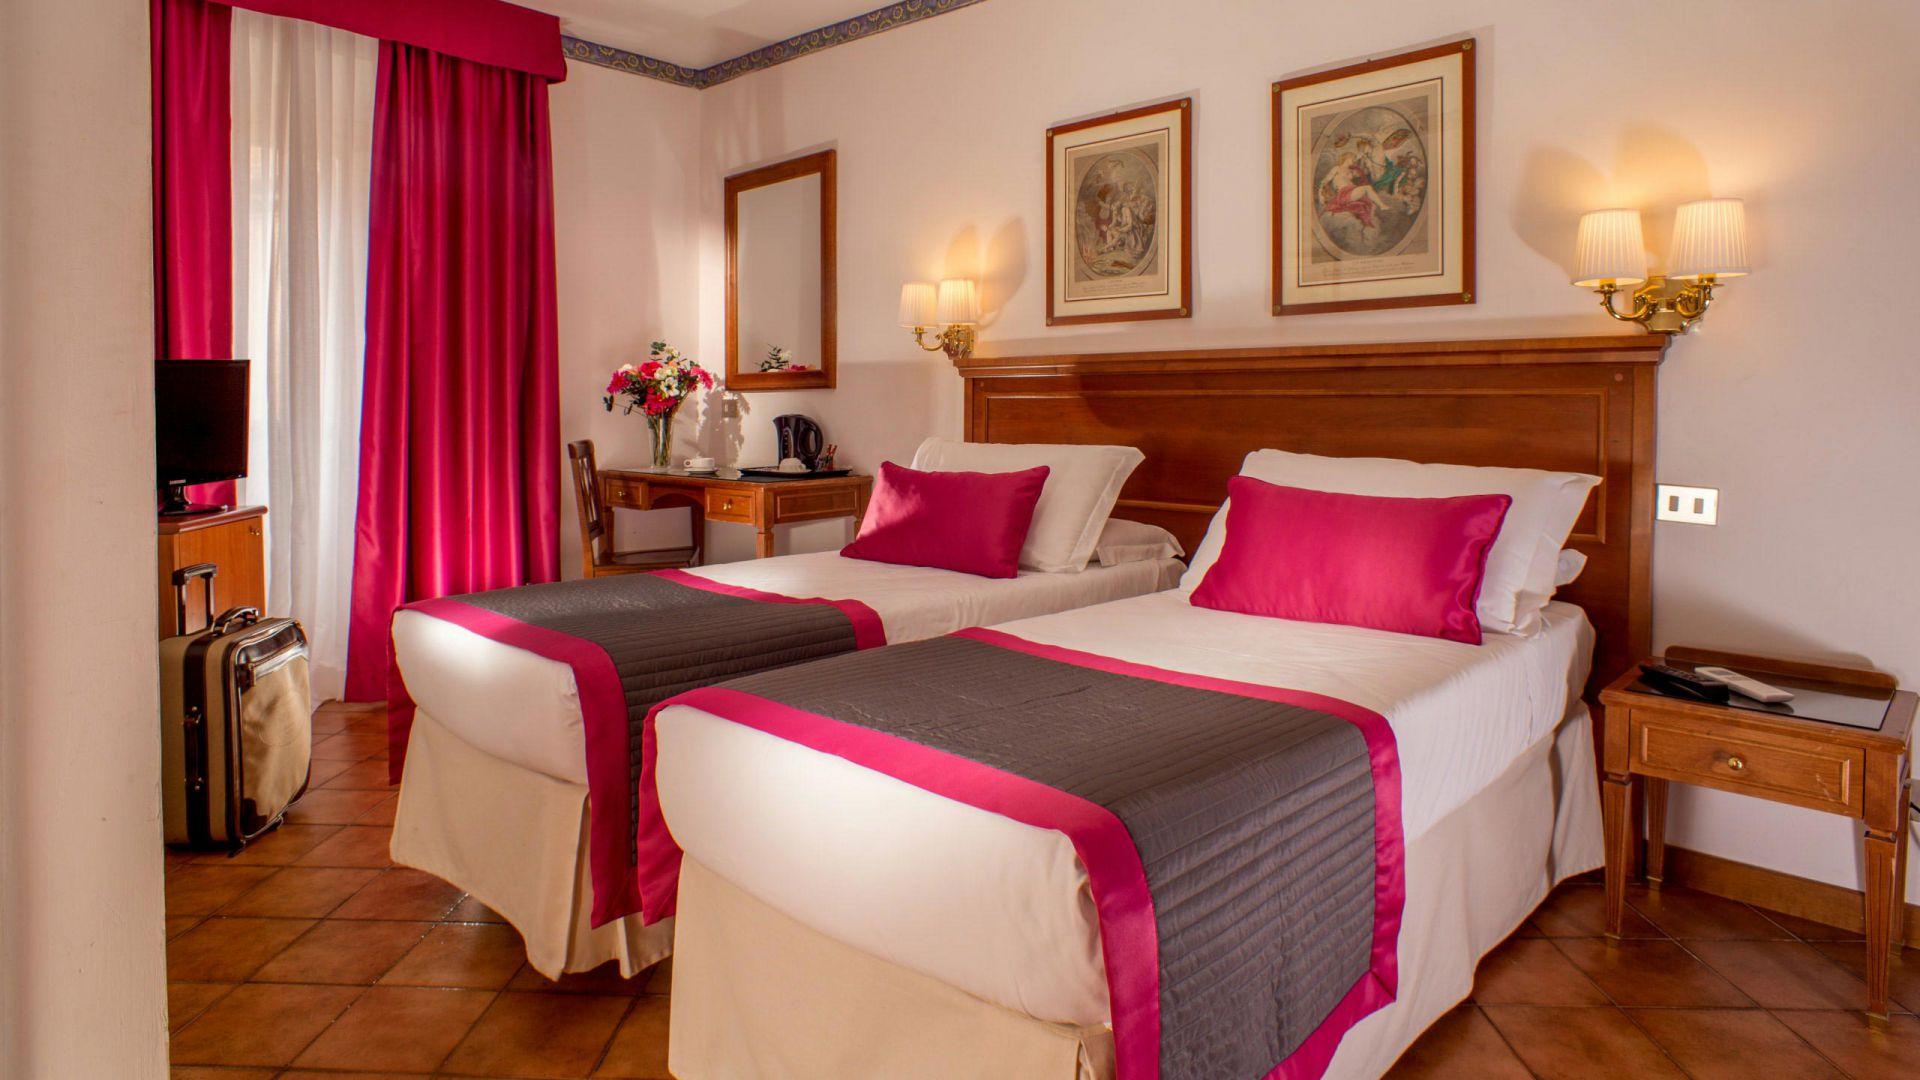 hotel-sole-roma-habitacion03